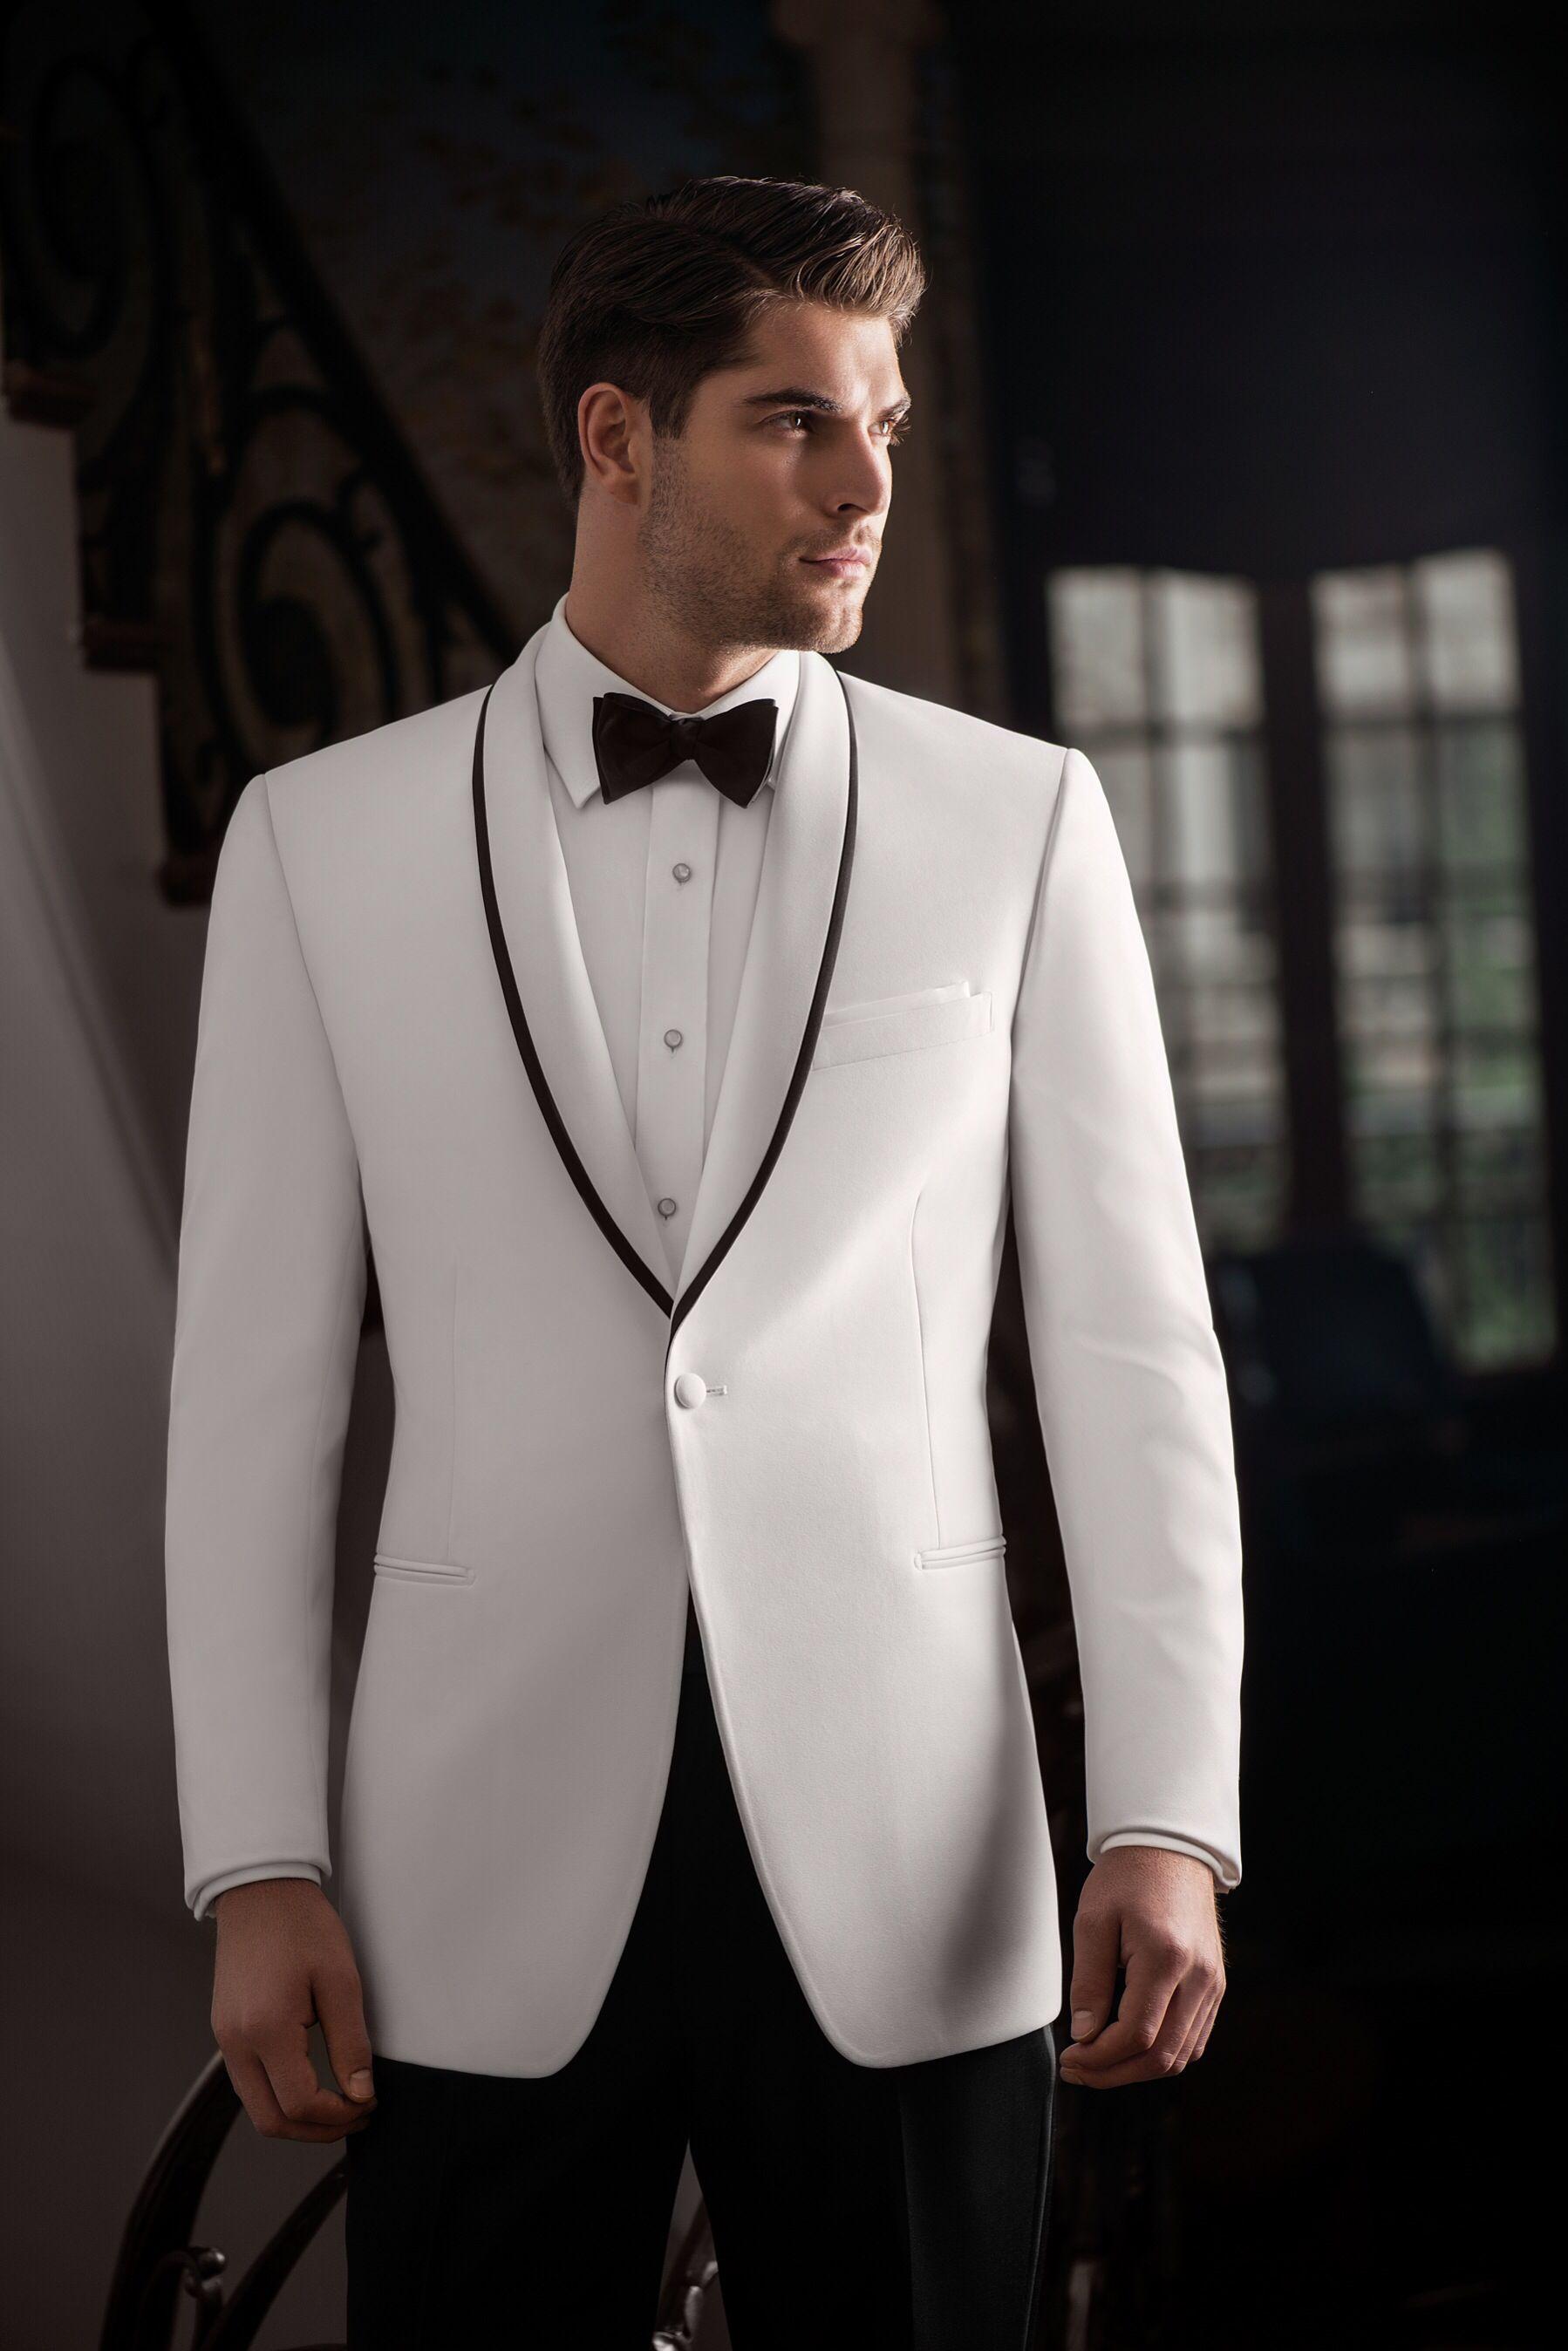 b9fa1298c  HLo-Tips  Etiqueta para bodas y eventos especiales